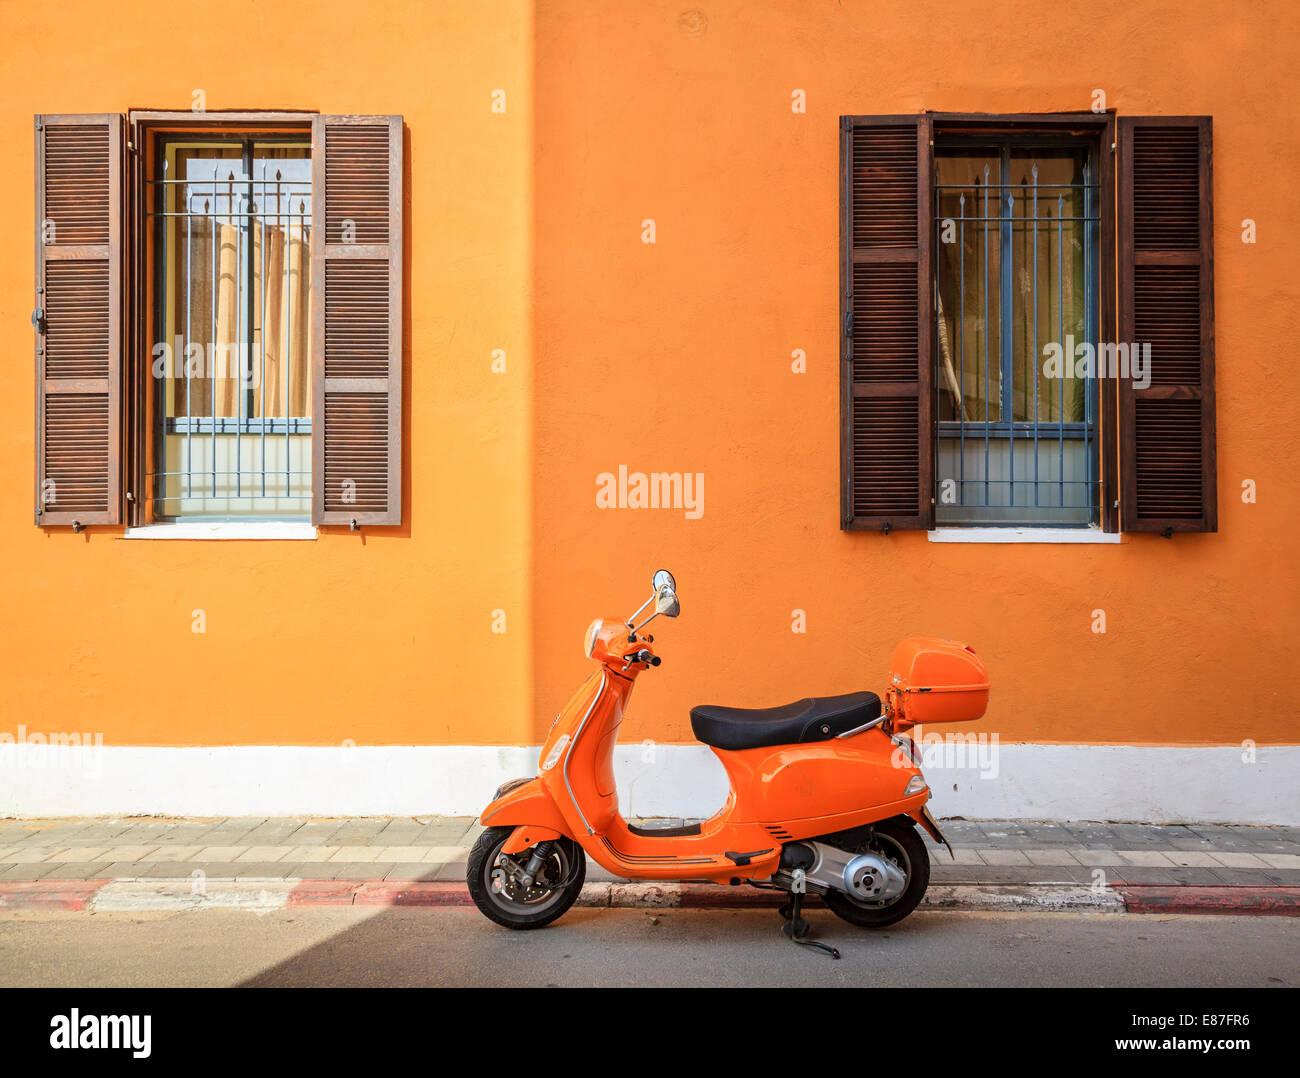 Scooter aparcada por el bordillo contra el edificio naranja en Tel Aviv, Israel Imagen De Stock